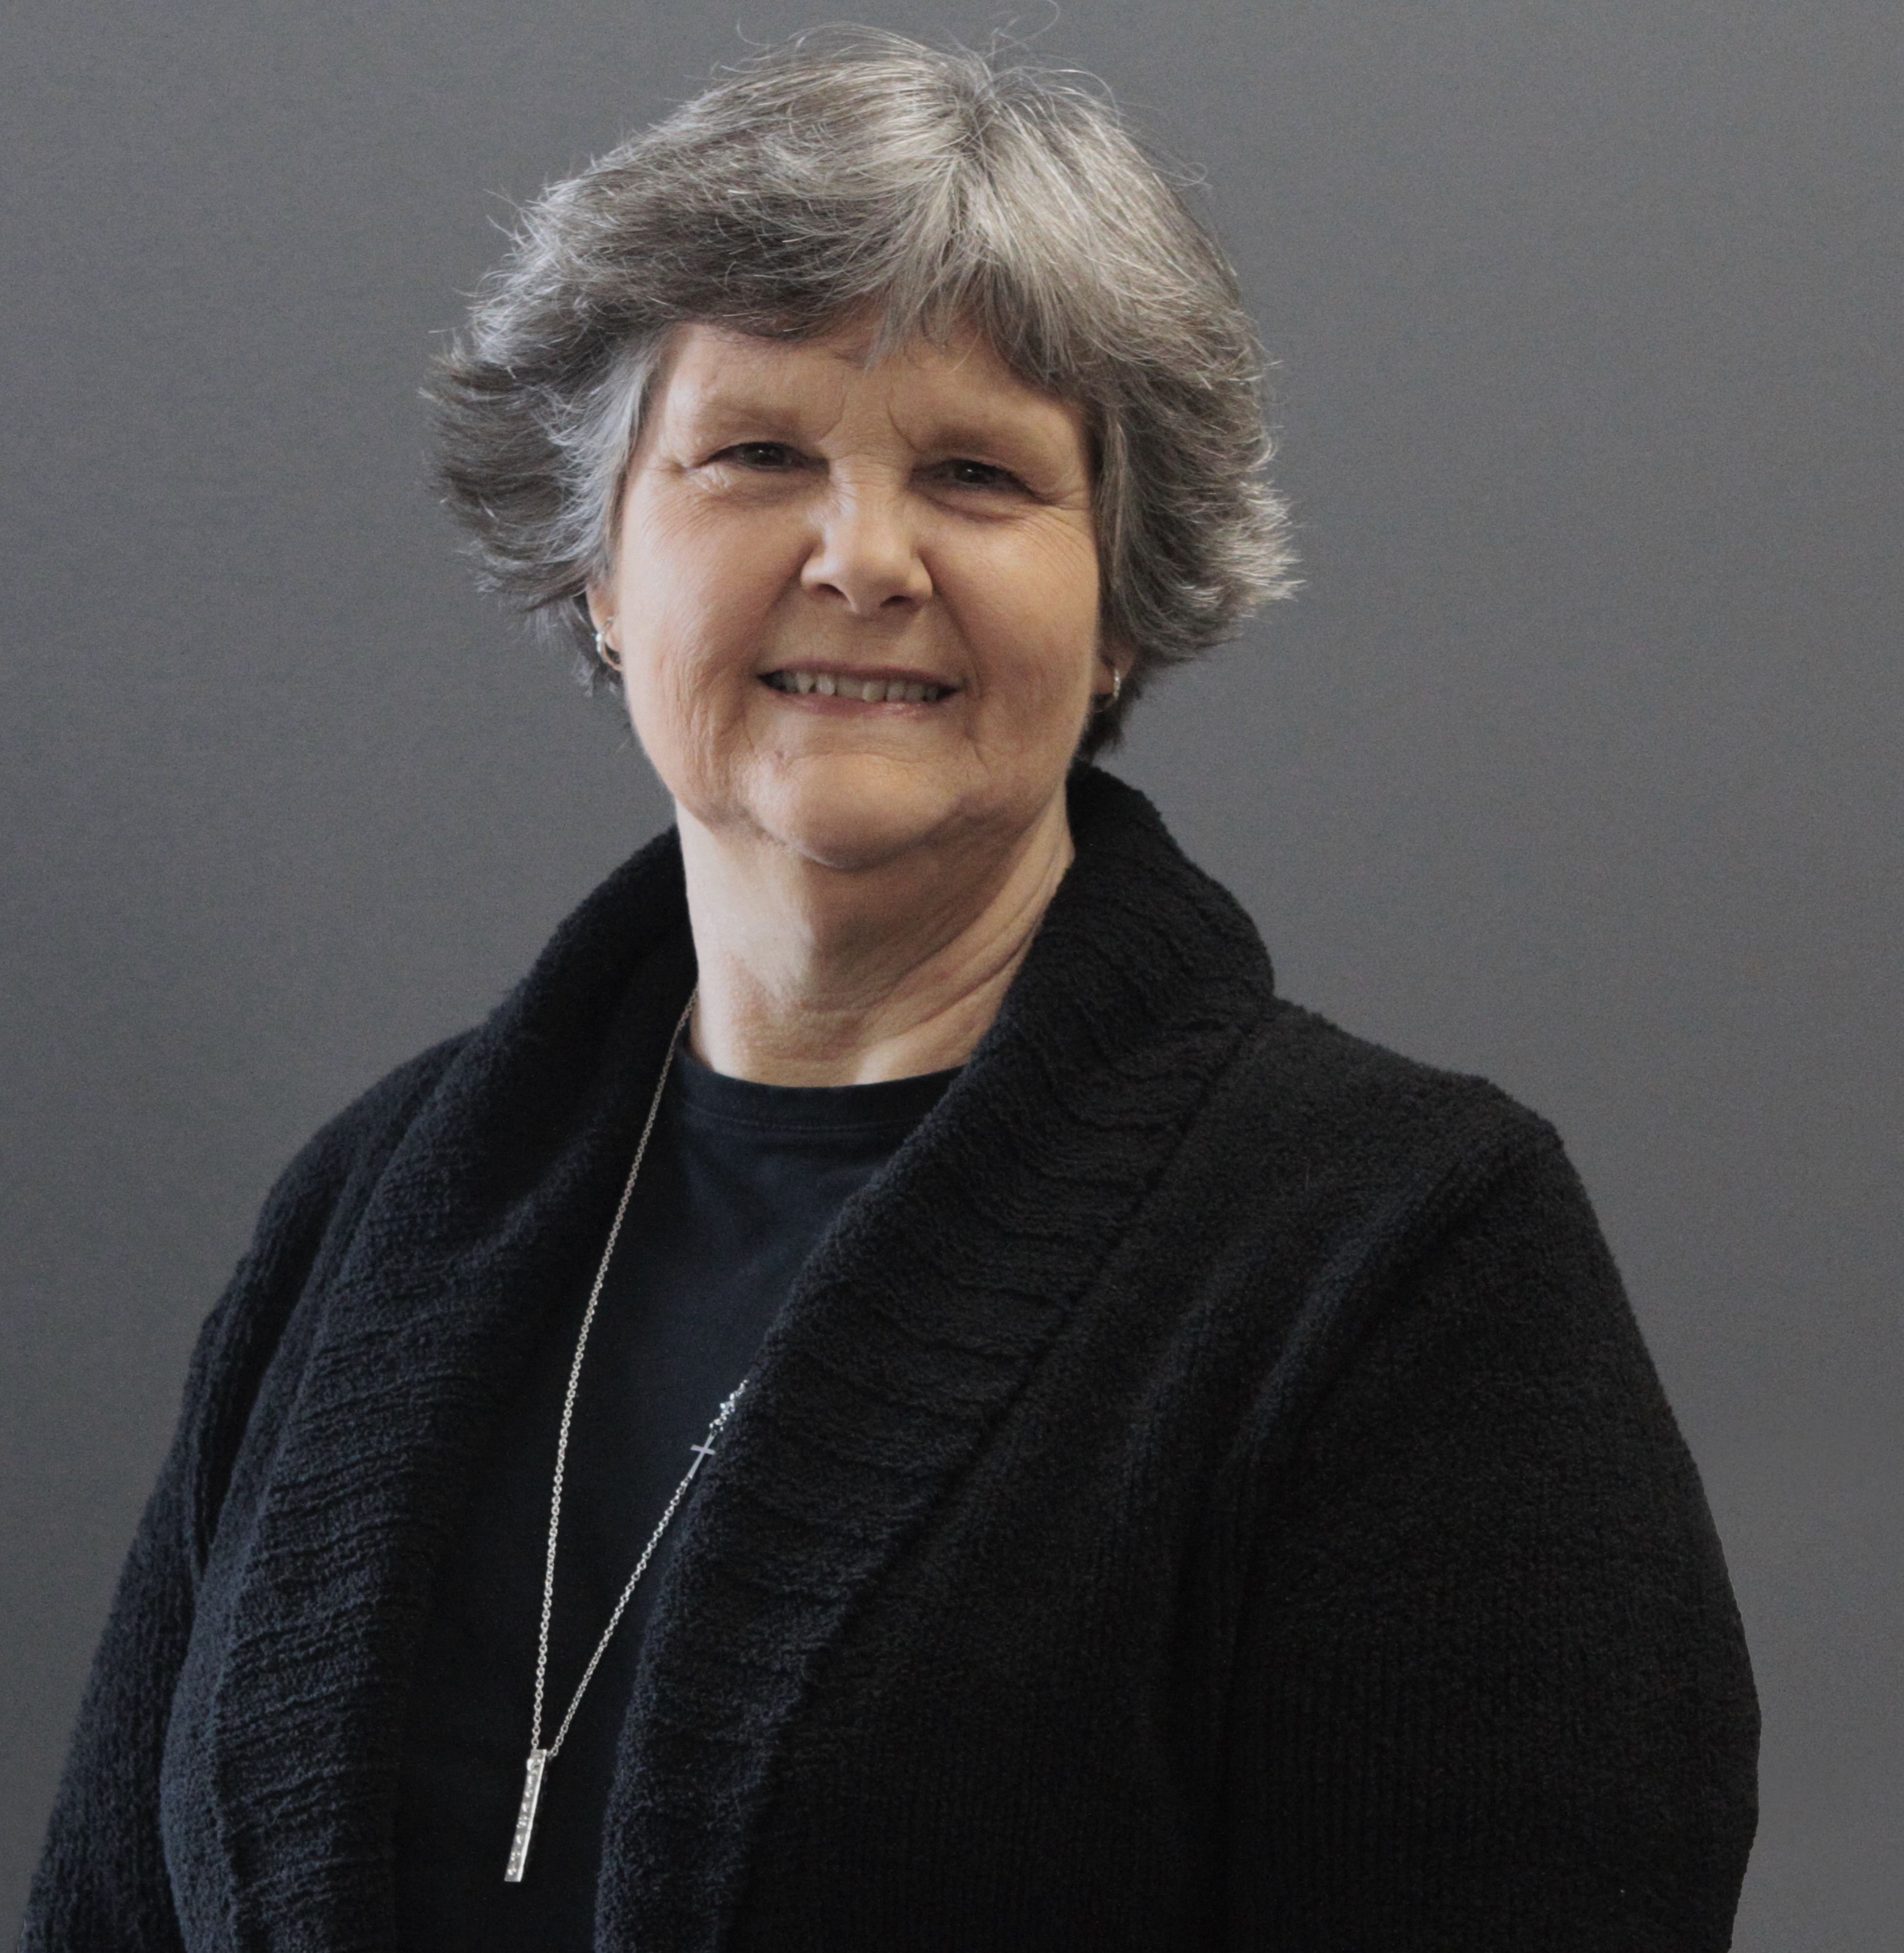 Denise Holser